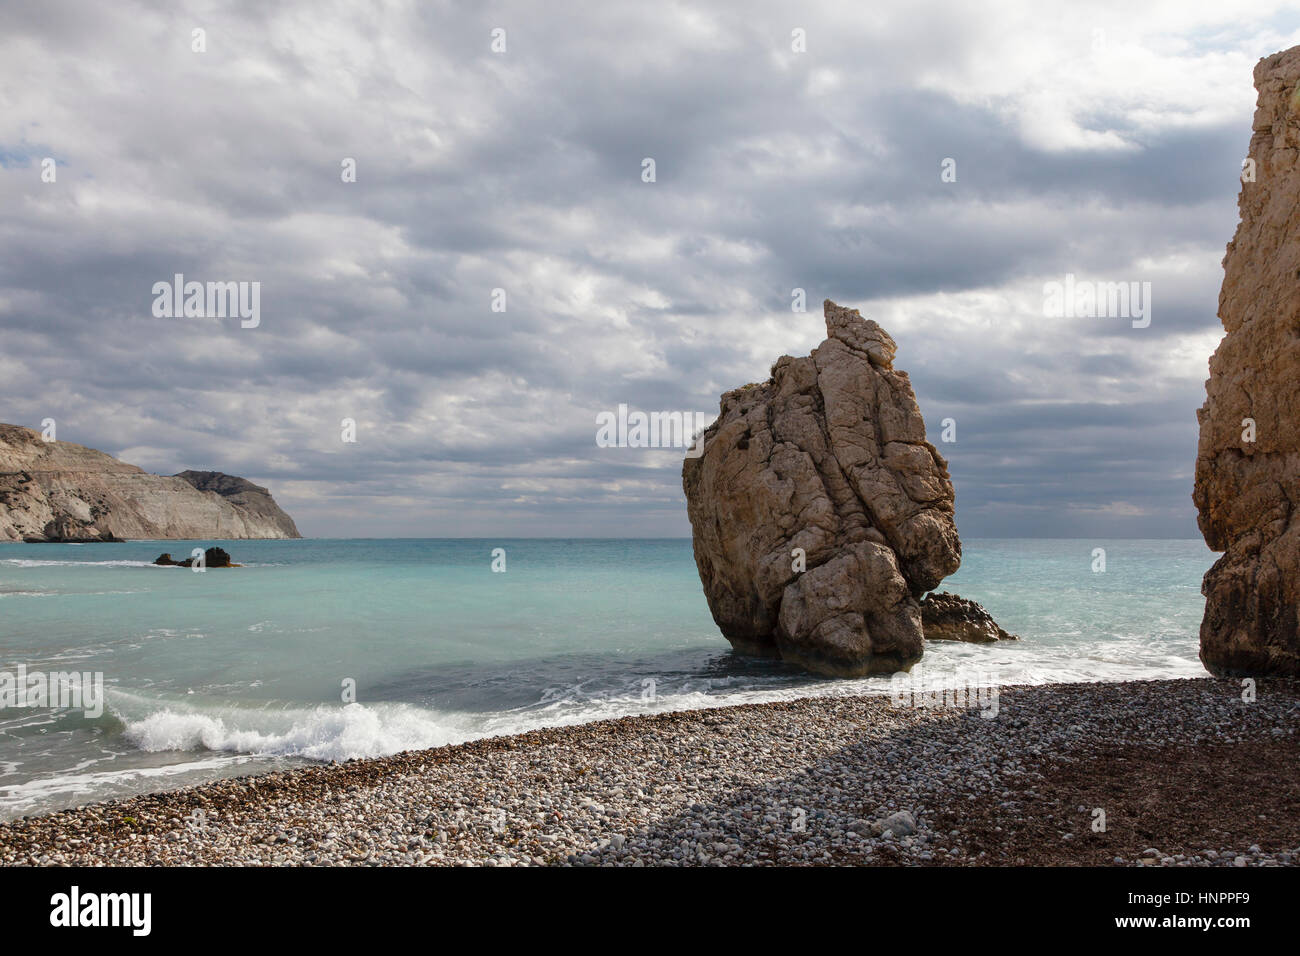 Aphrodite's Rock (Petra tou Romiou), near Paphos, Cyprus - Stock Image